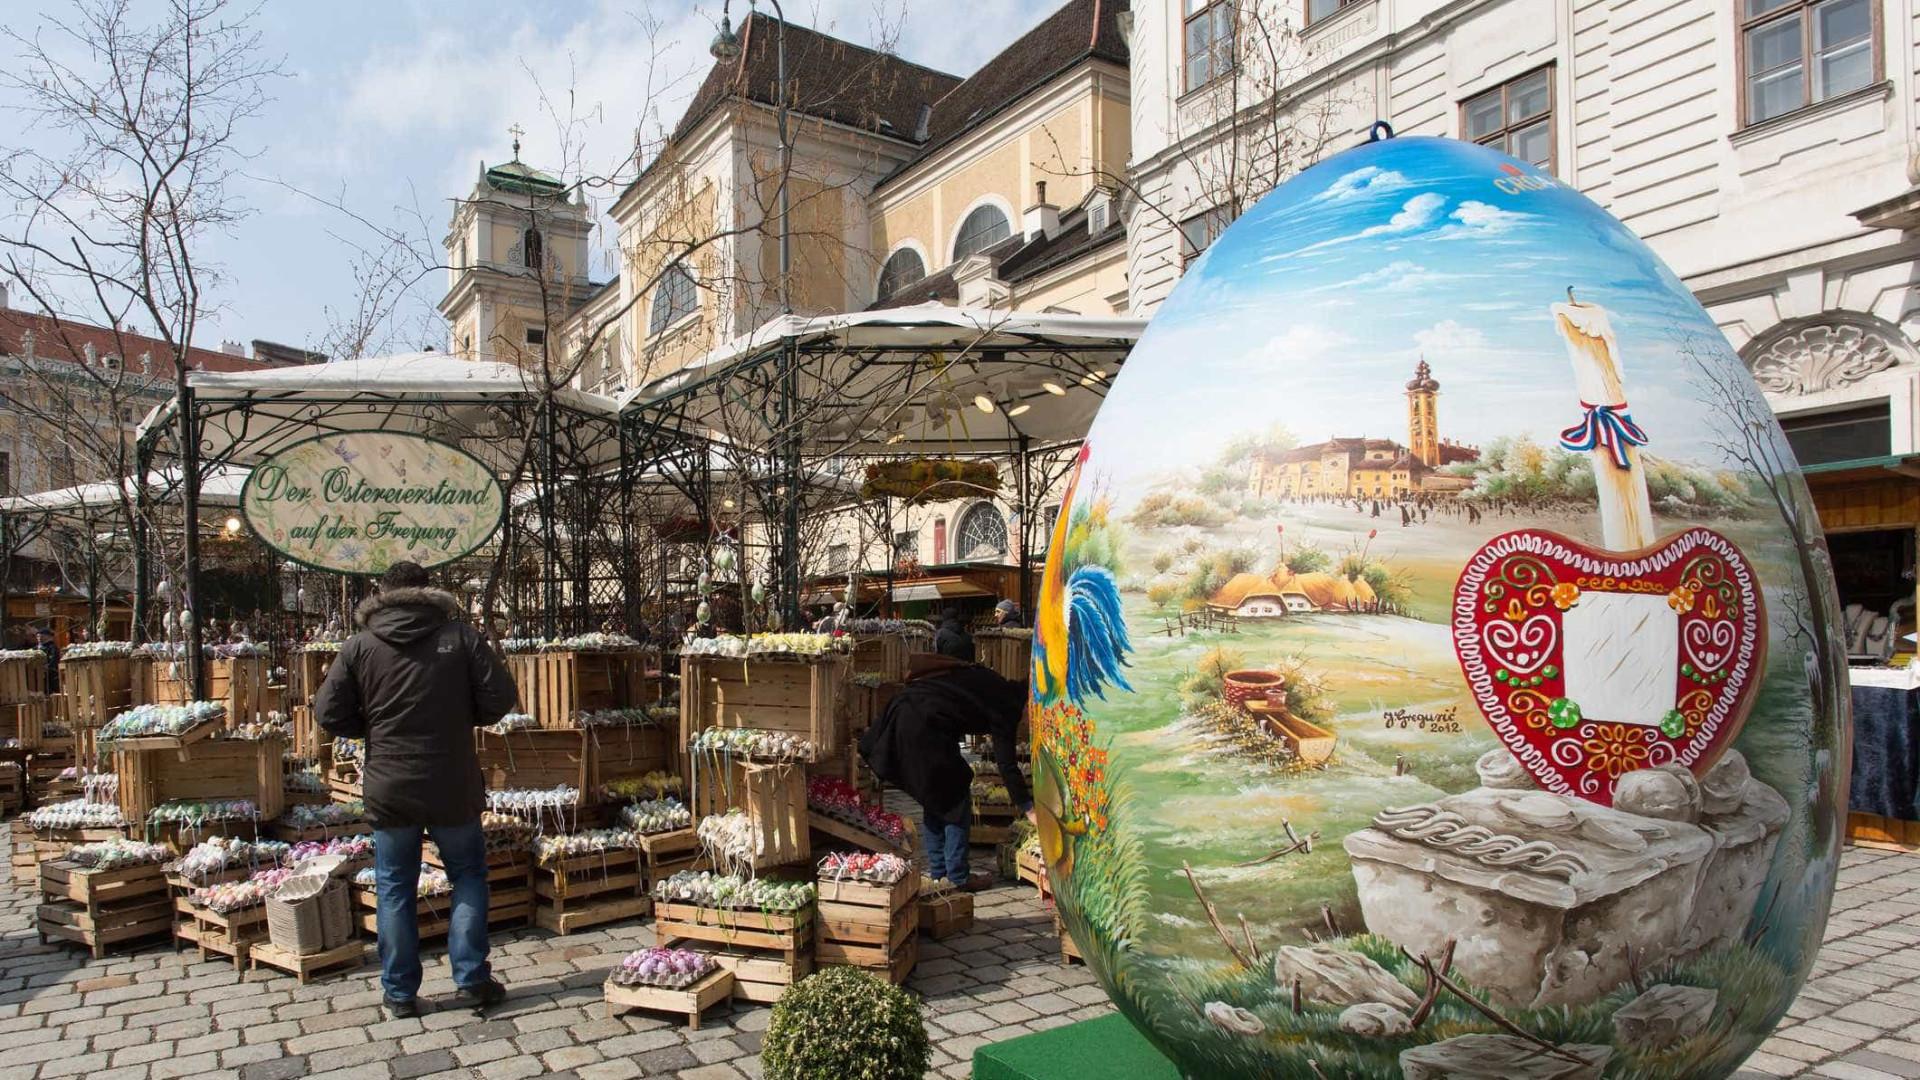 Conheça os melhores destinos europeus para passar a Páscoa